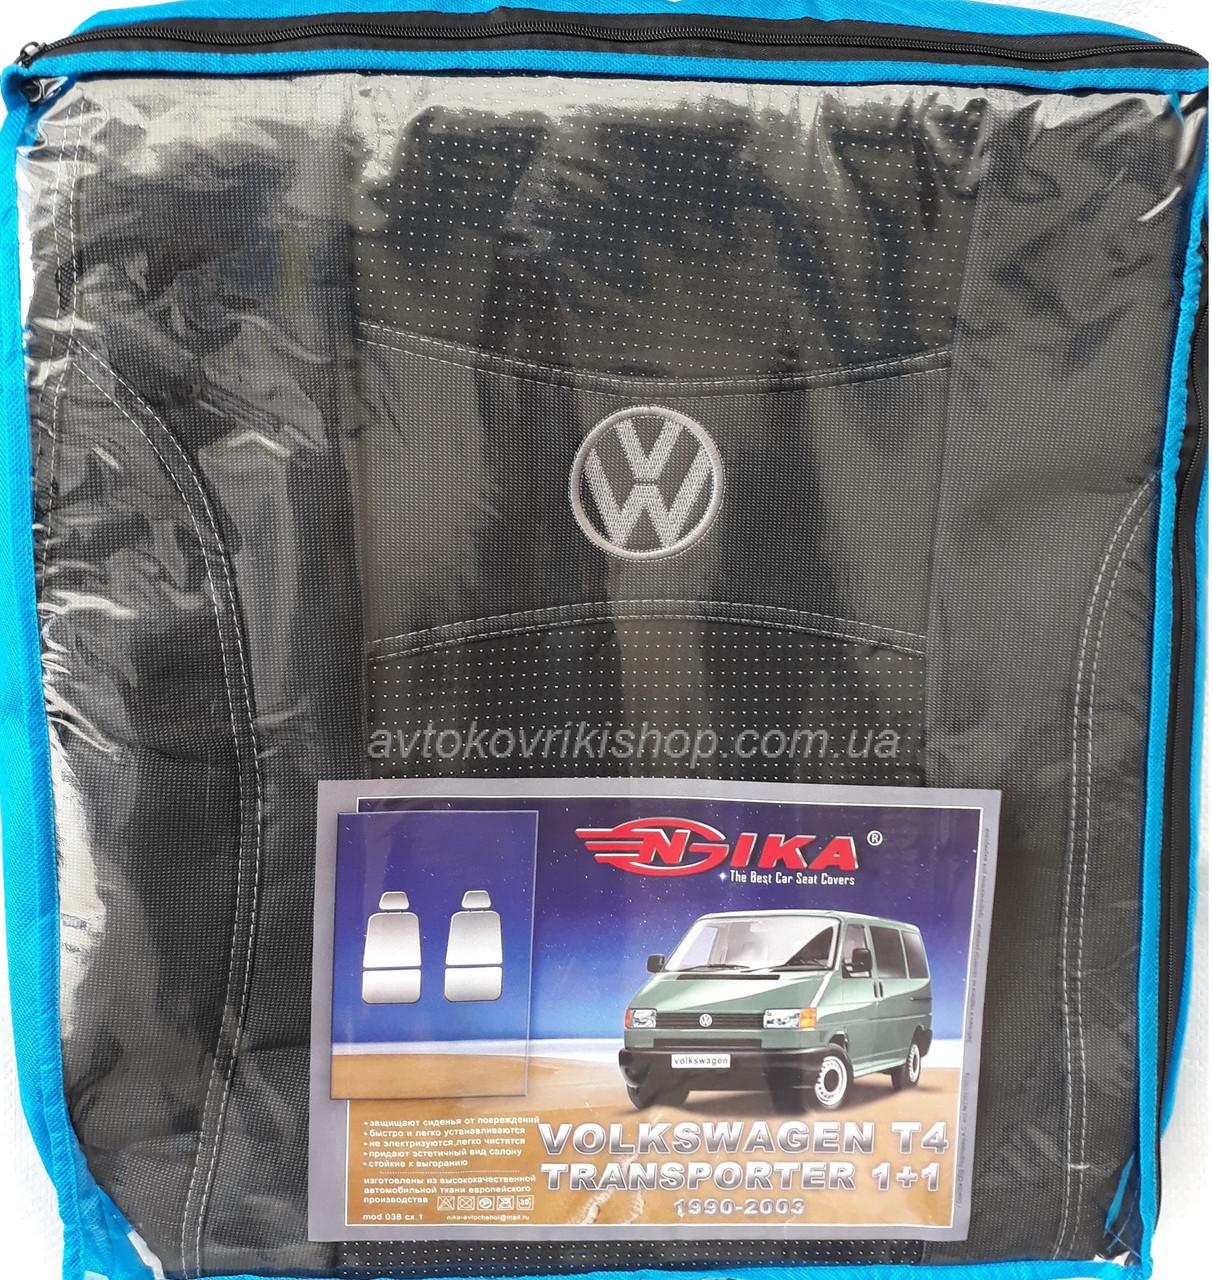 Авточехлы Volkswagen T4 1+1 1990-2003 Nika